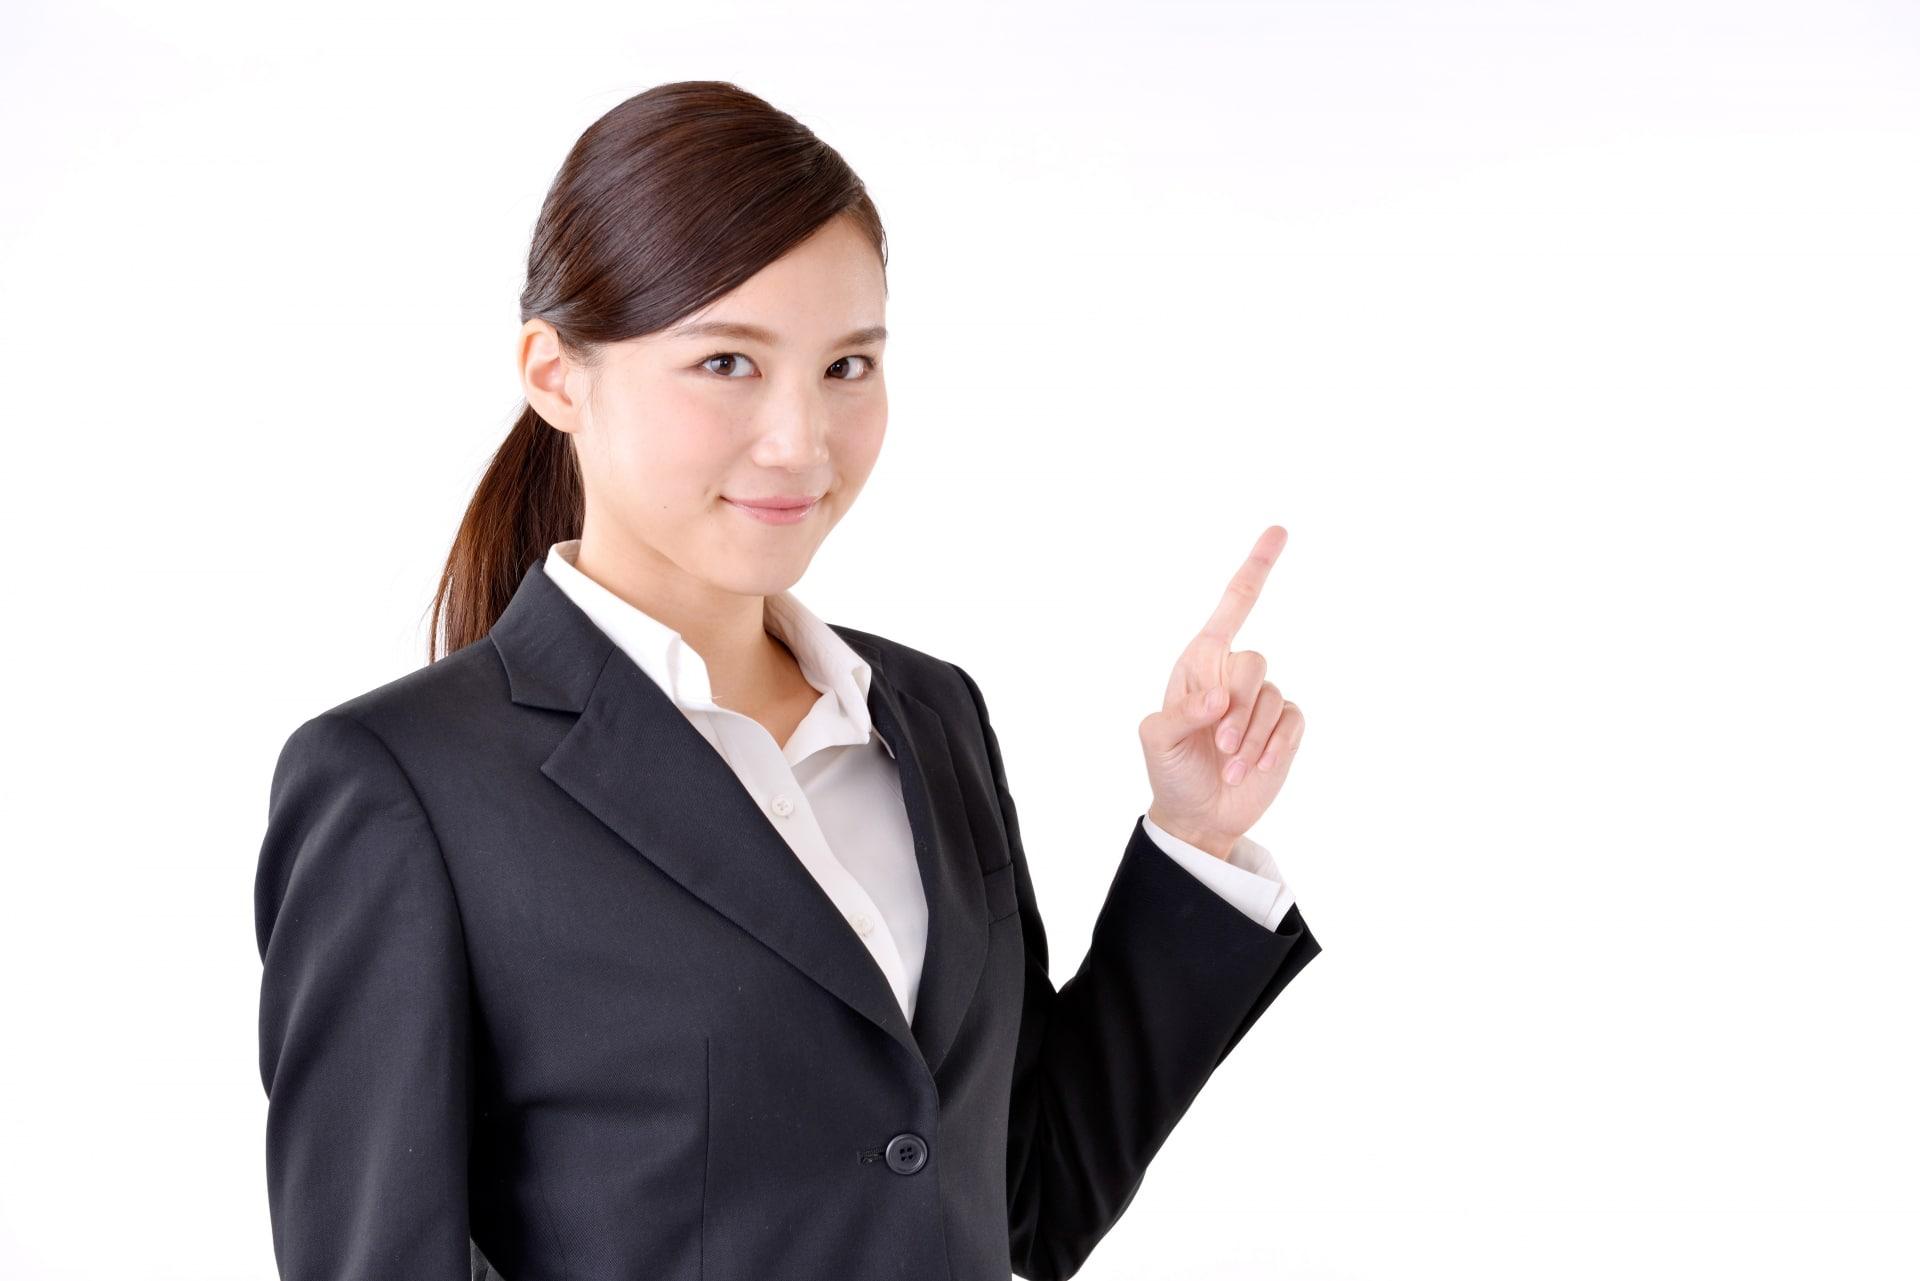 就職留年を経験した就活生は面接が重要